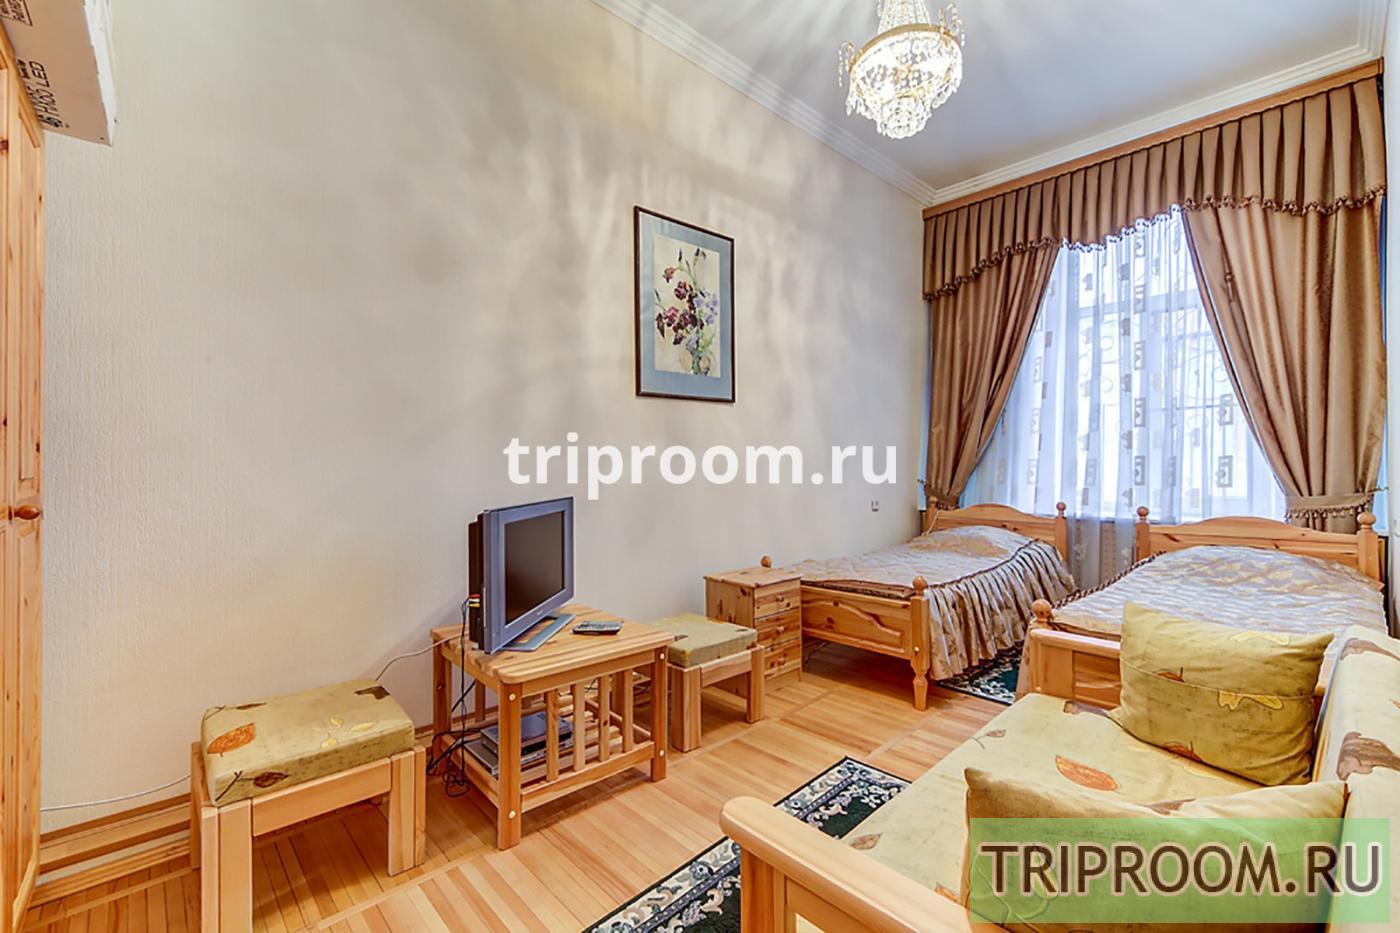 4-комнатная квартира посуточно (вариант № 20160), ул. Реки Мойки набережная, фото № 16